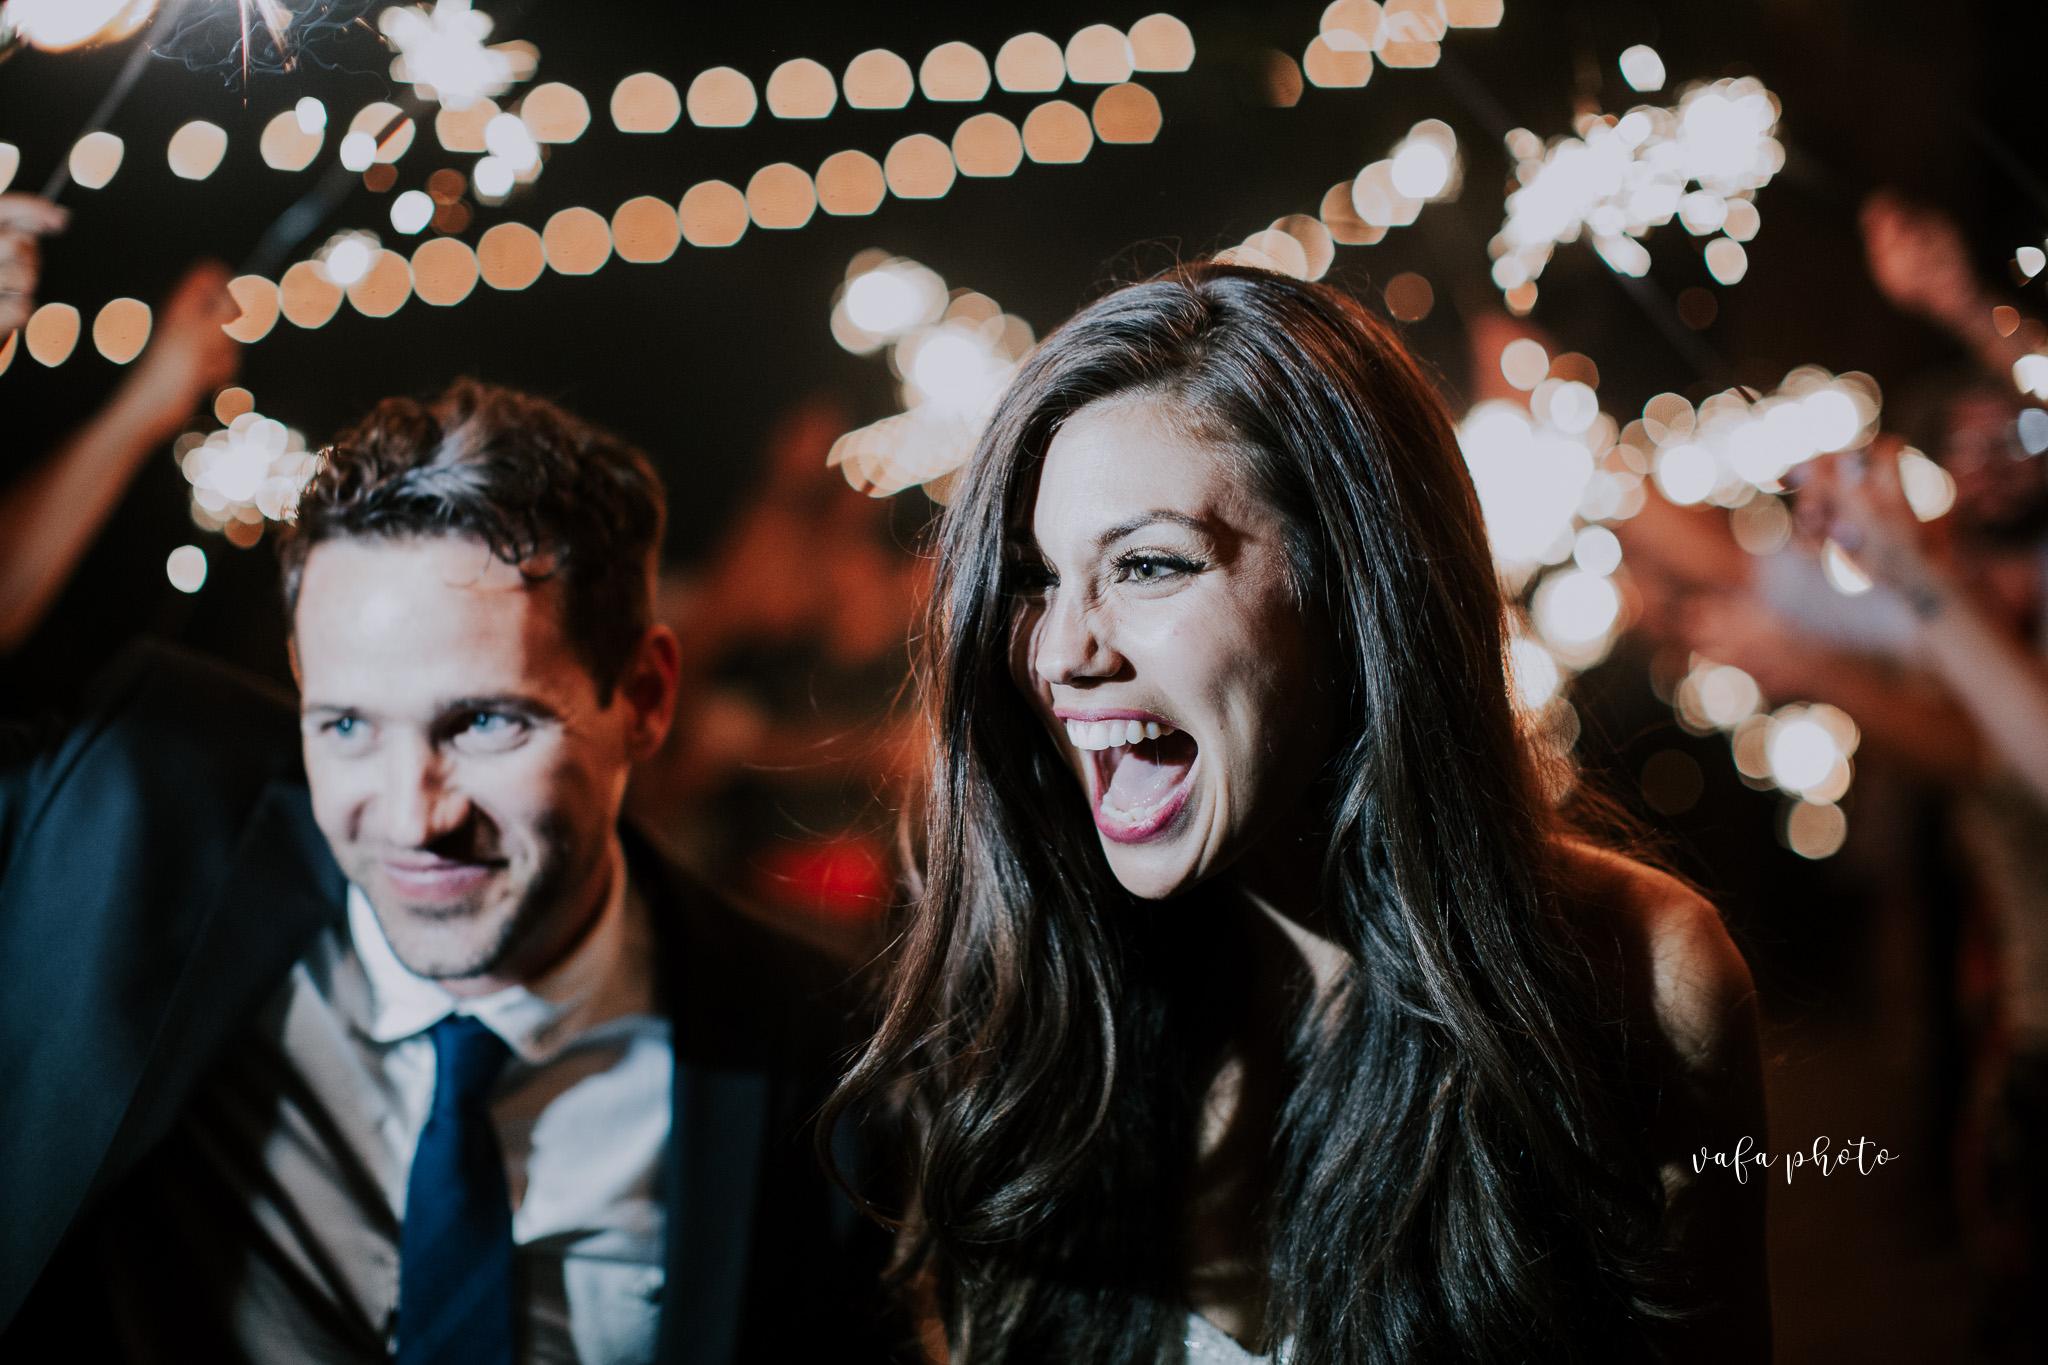 Southern-California-Wedding-Britt-Nilsson-Jeremy-Byrne-Vafa-Photo-1138.jpg